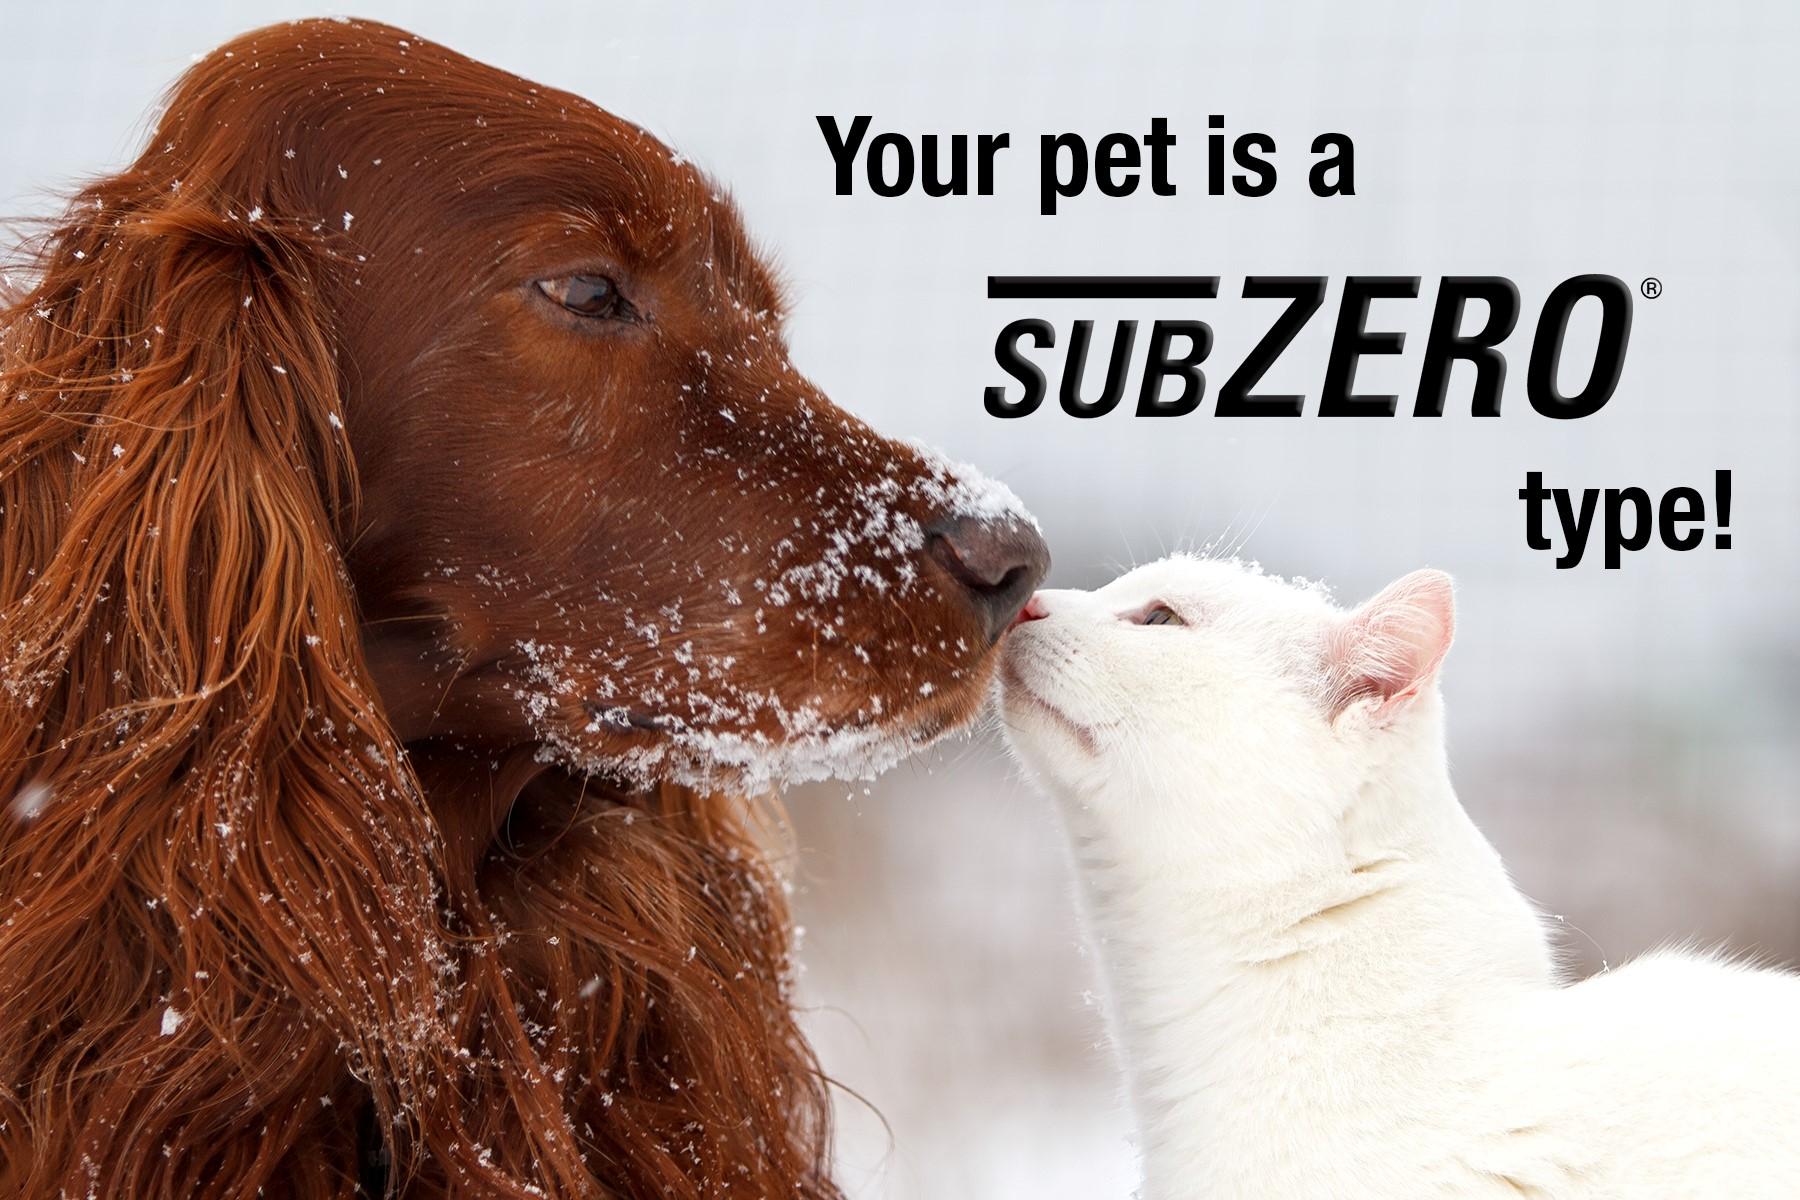 Your pet is a SubZero pet